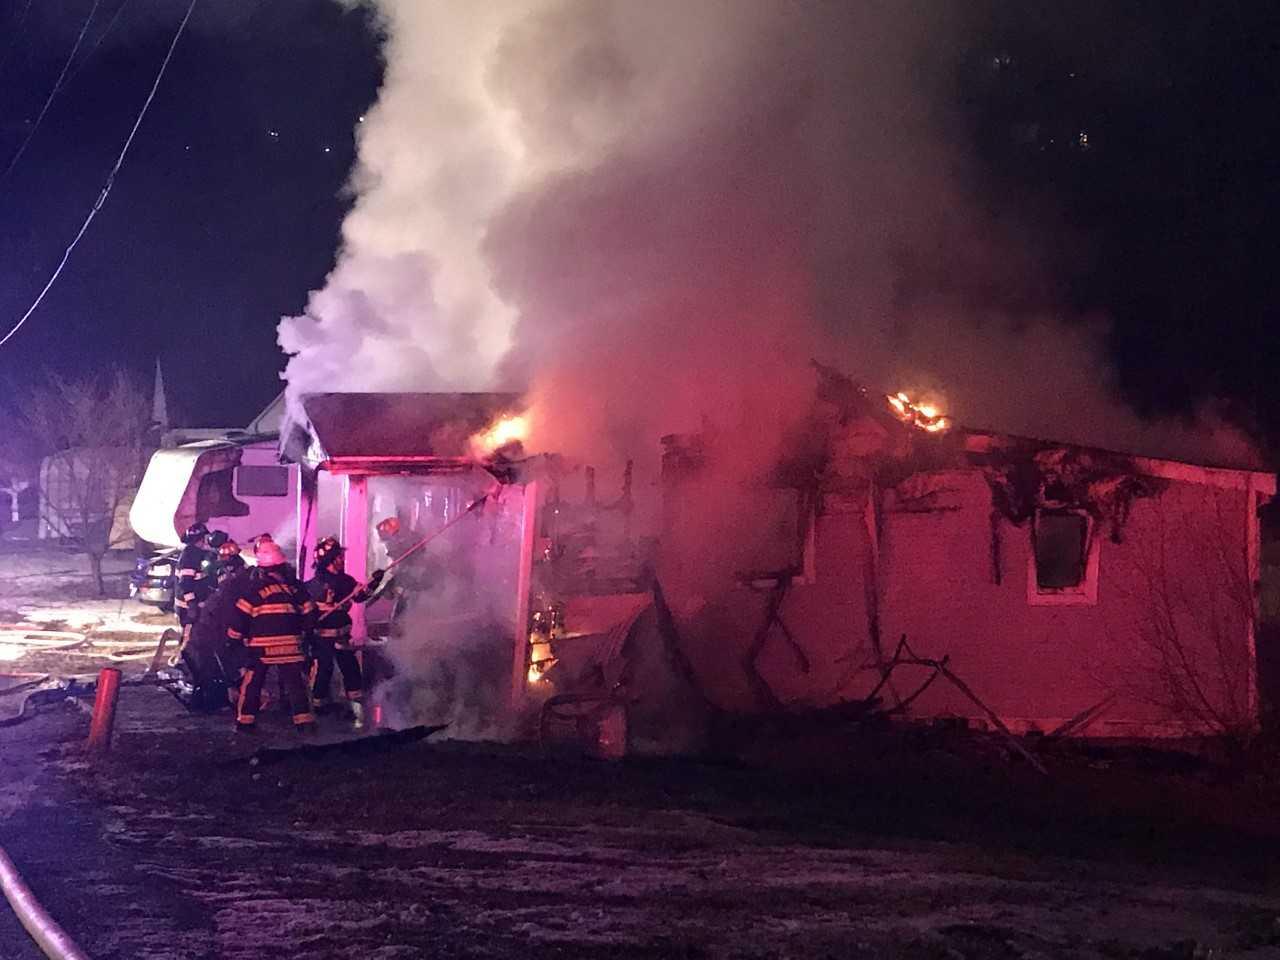 Crews battle a house fire overnight.